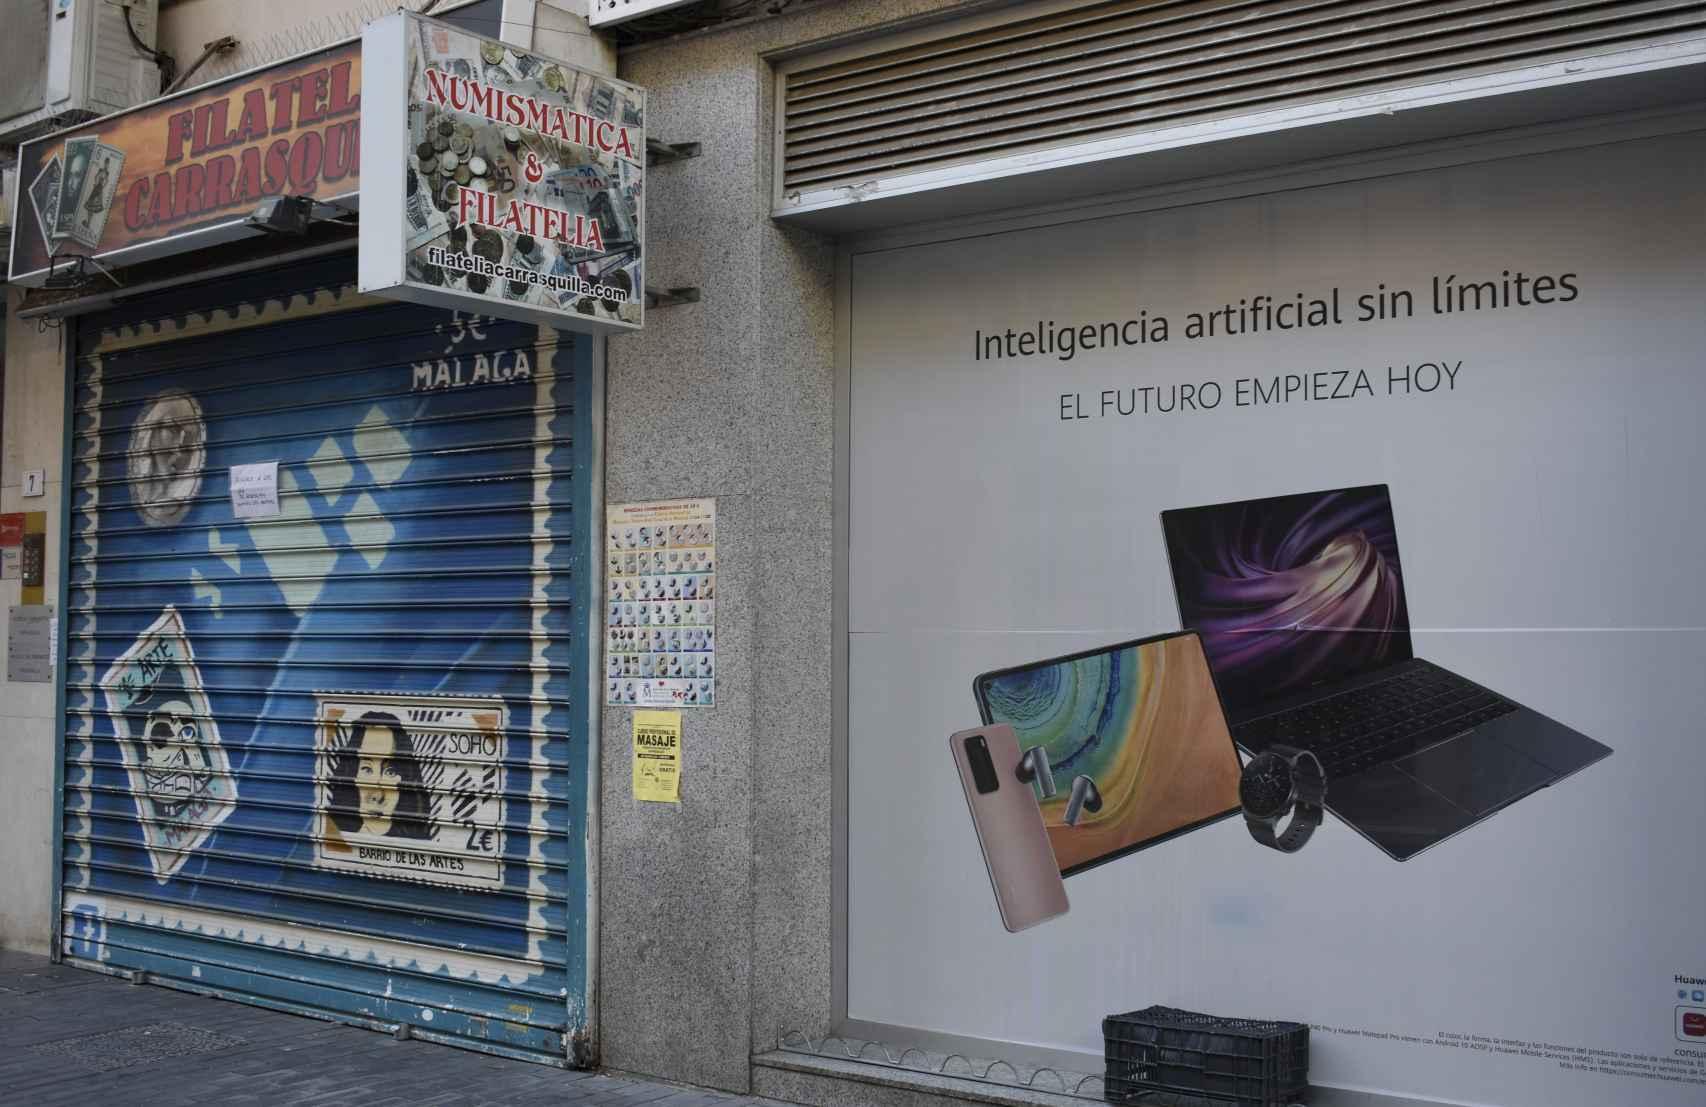 La tienda Filatelia Carrasquilla lleva abierta más de 40 años